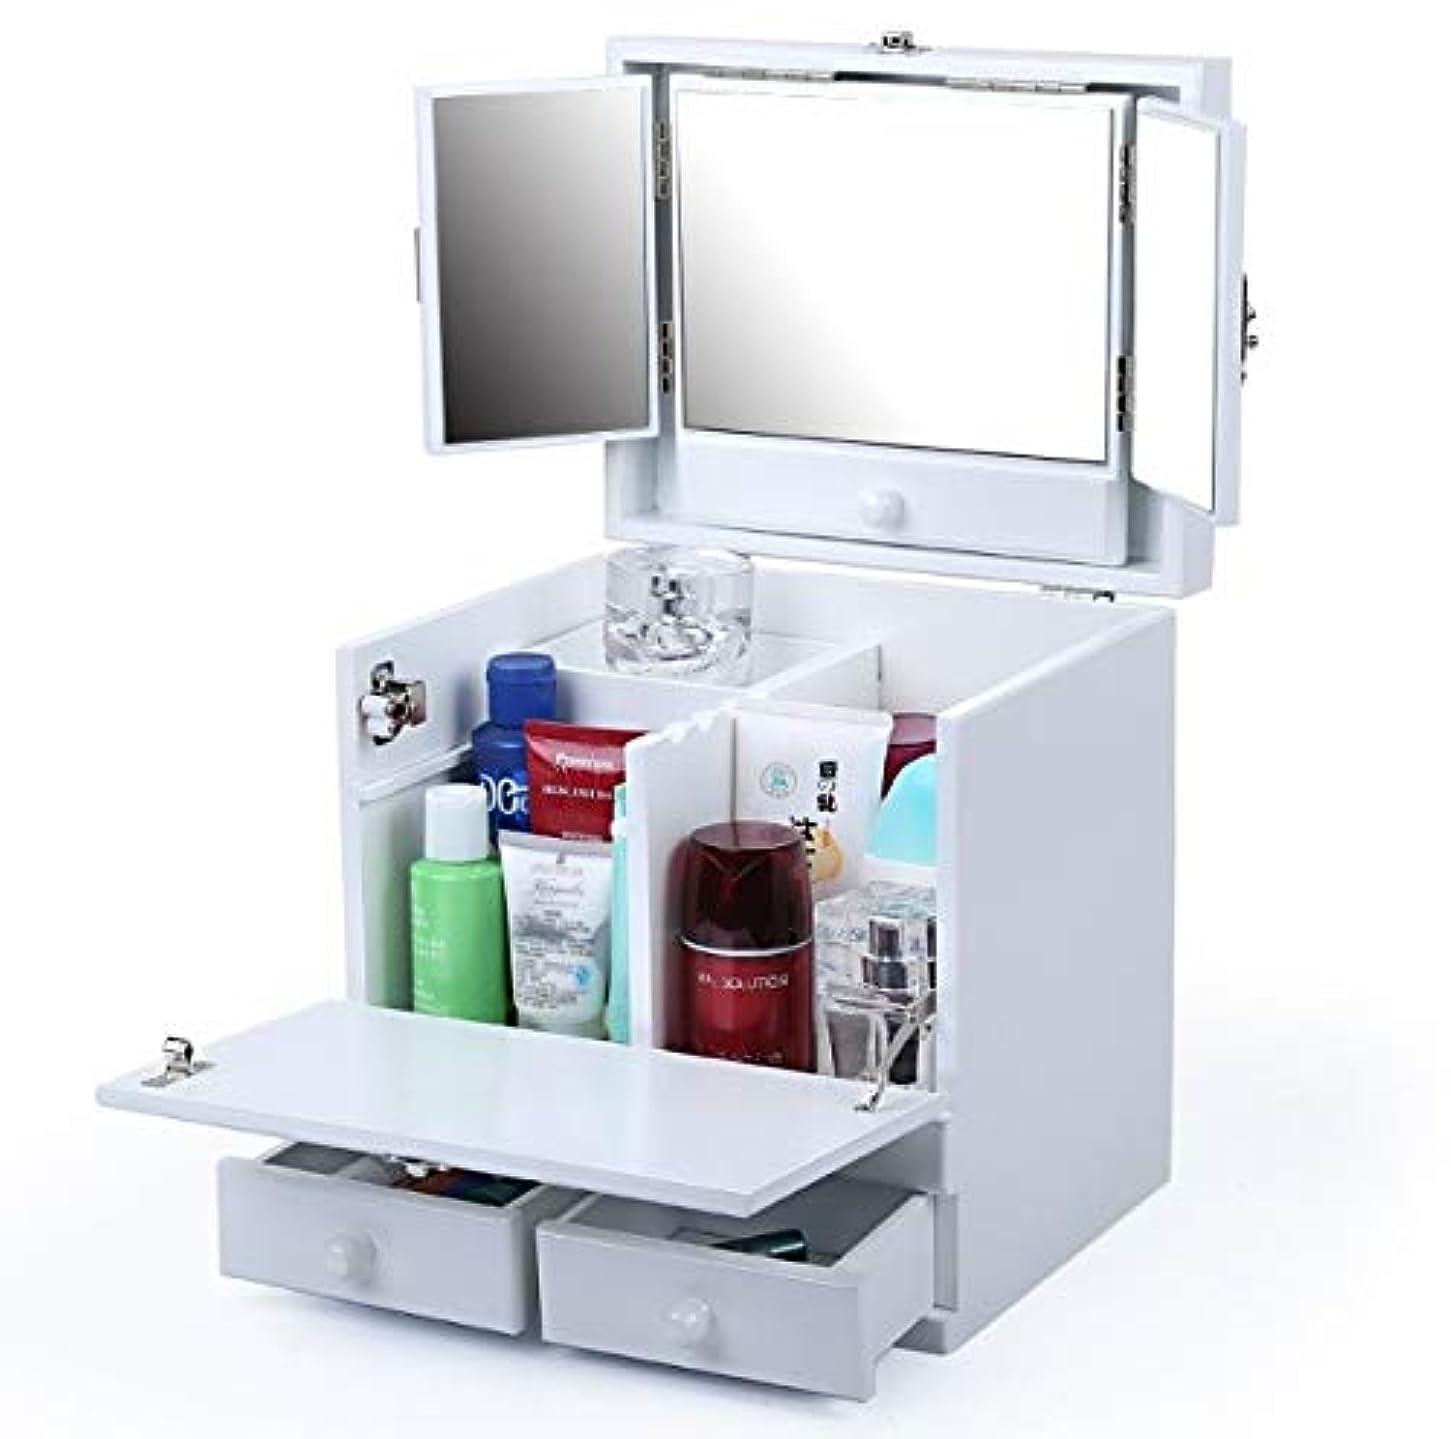 イソギンチャクステーキ注目すべき化粧箱、白のダブルデッカーヴィンテージ木彫り化粧品ケース、ミラー、高級ウェディングギフト、新築祝いギフト、美容ネイルジュエリー収納ボックス